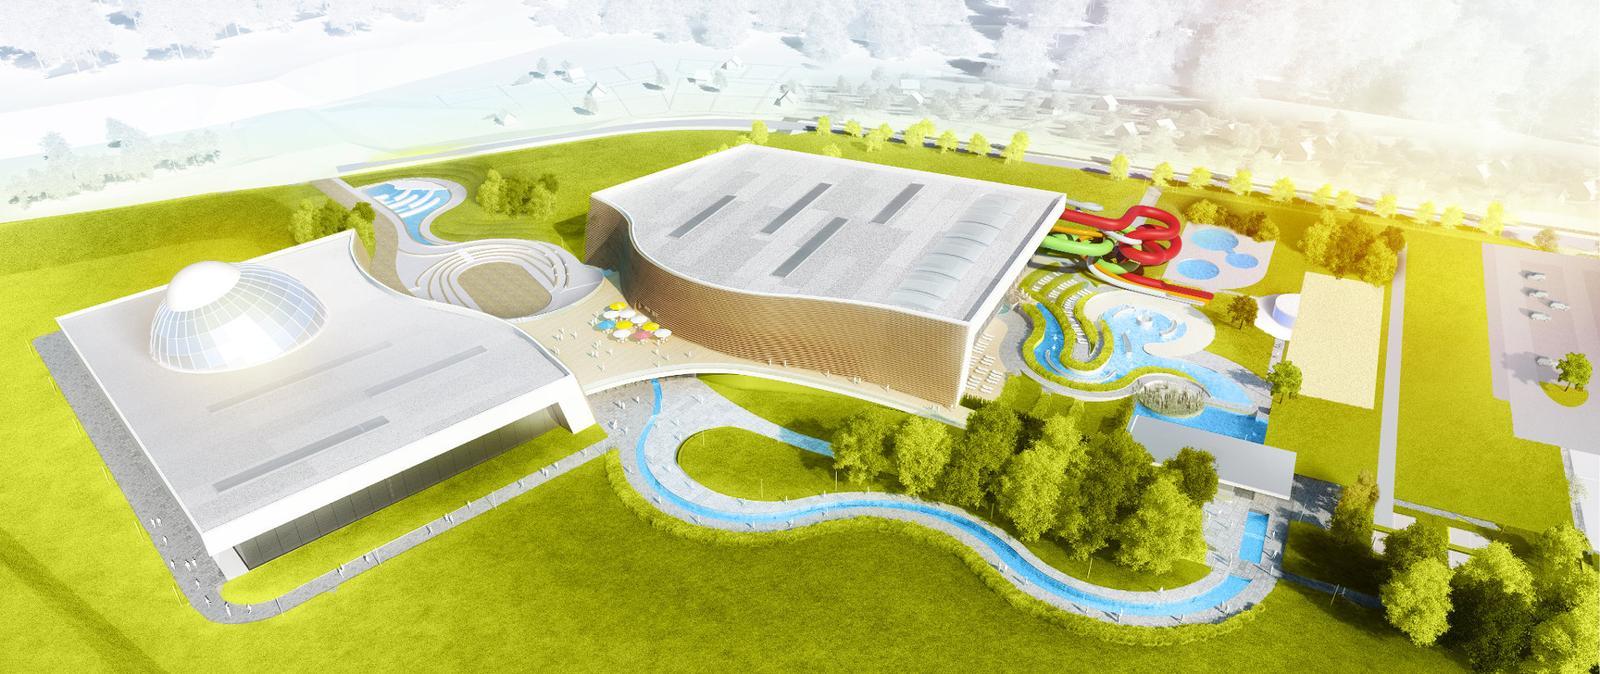 Aquapark Fabryka Wody w Szczecinie - czy warto i opinie